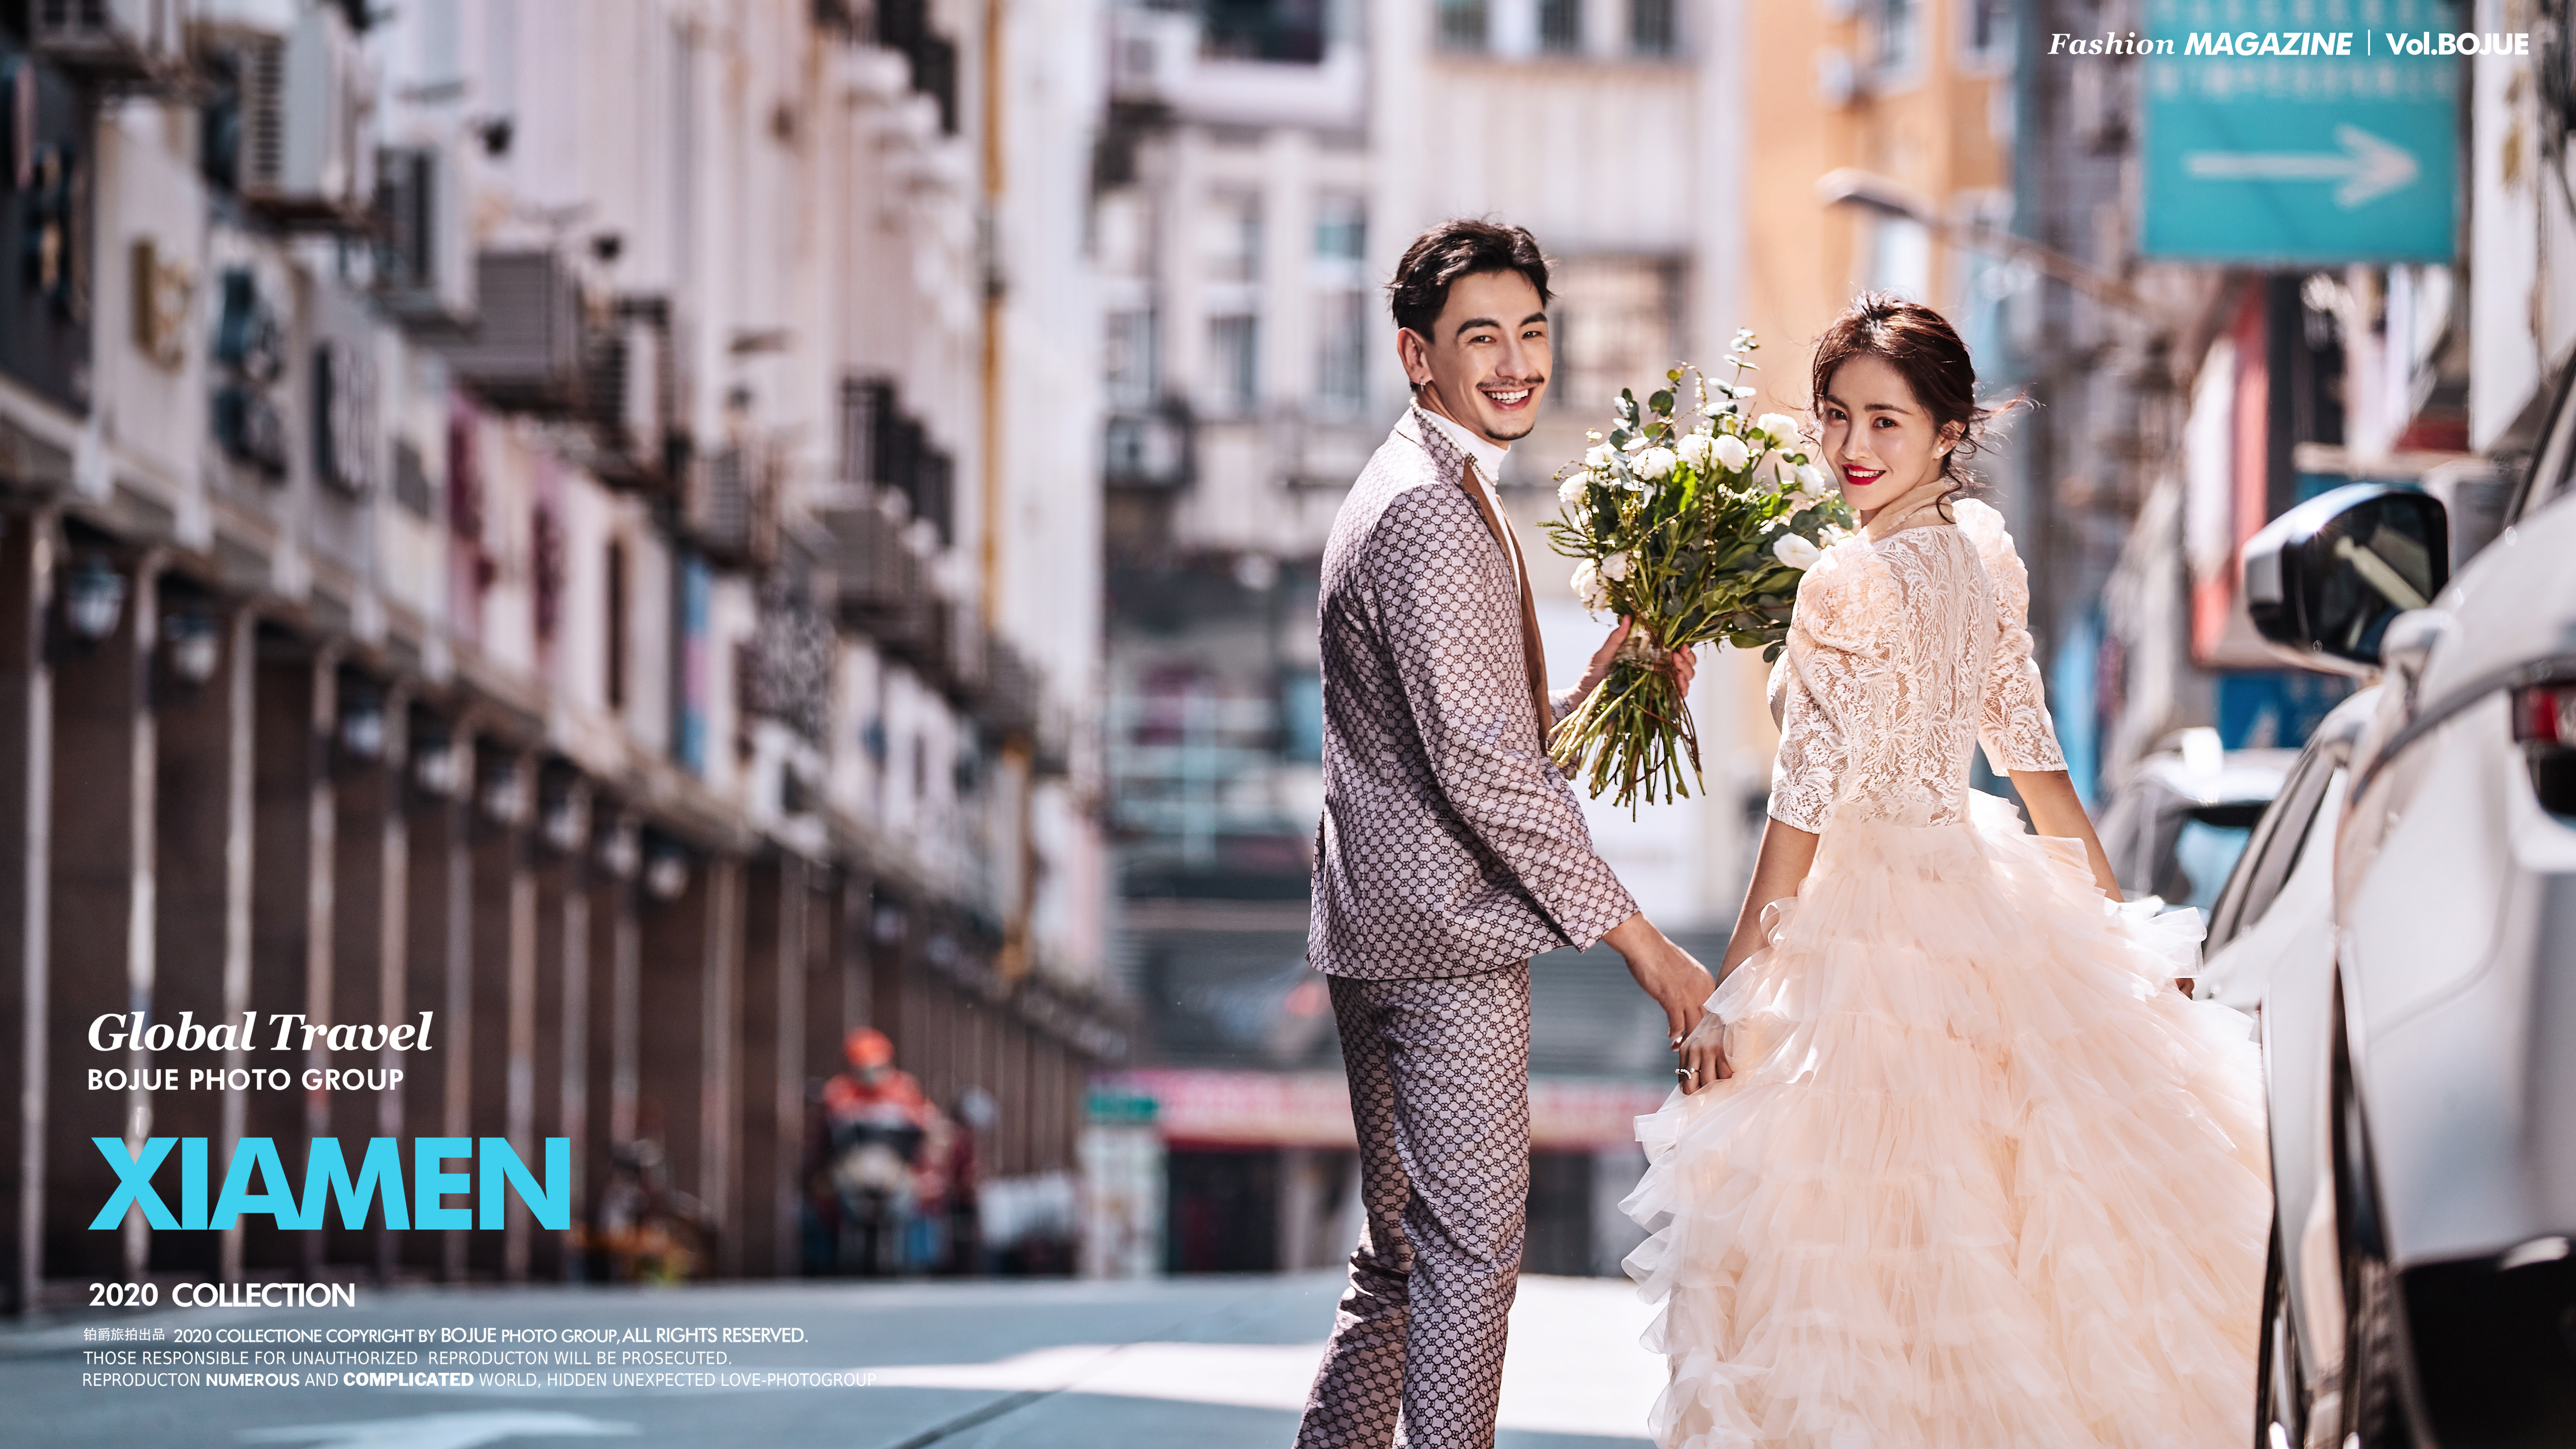 厦门婚纱照 在厦门拍婚纱照注意什么隐形消费